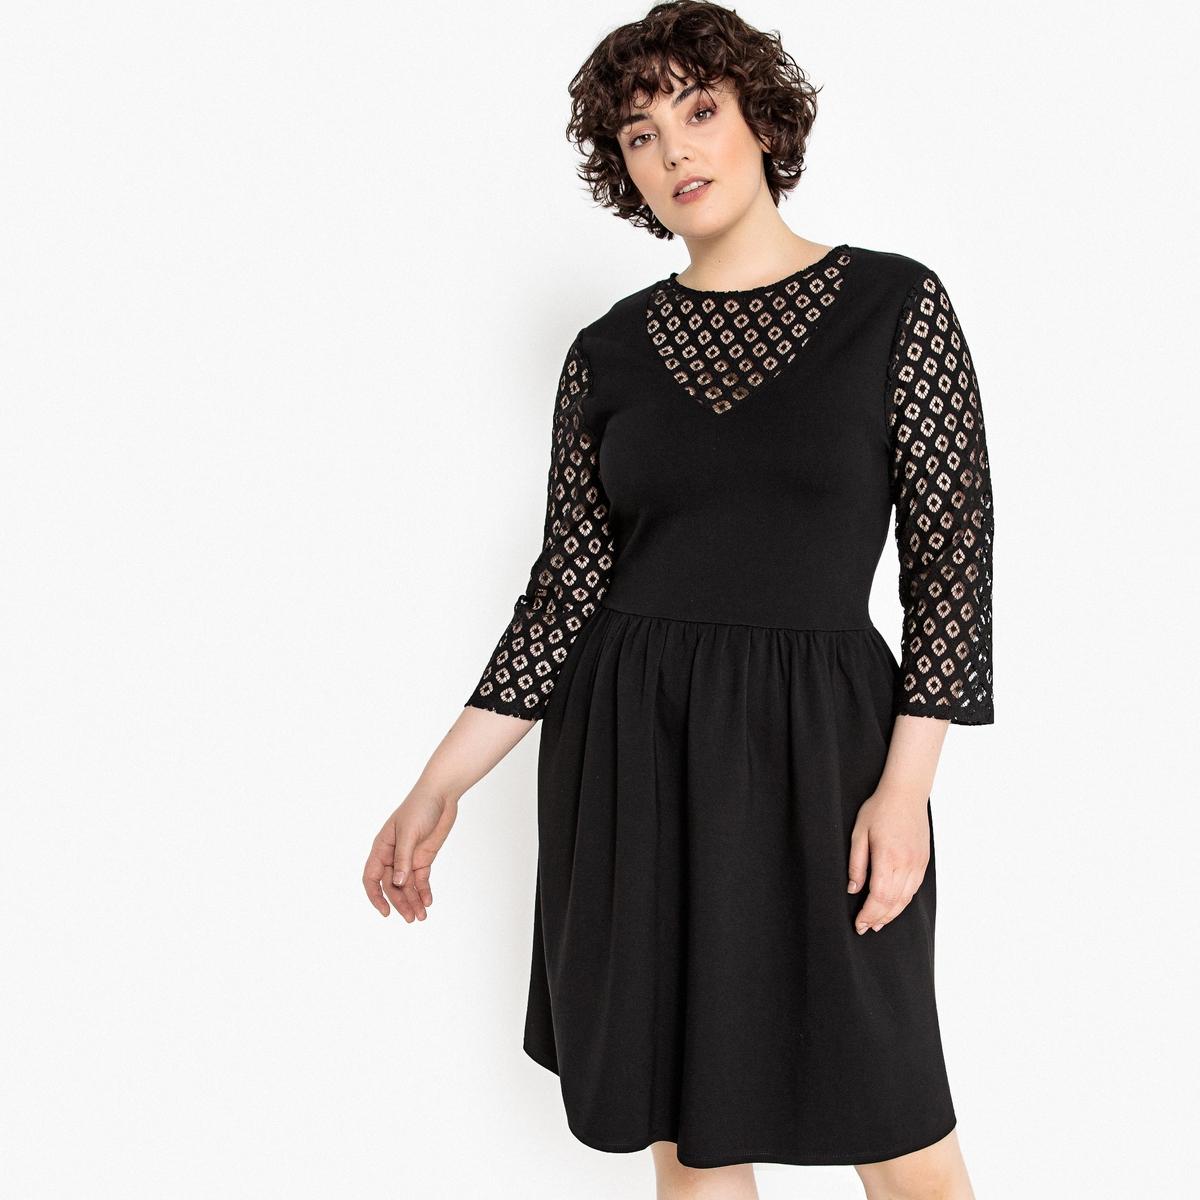 Sukienka rozkloszowana, długość midi, rękaw długi koronkowy